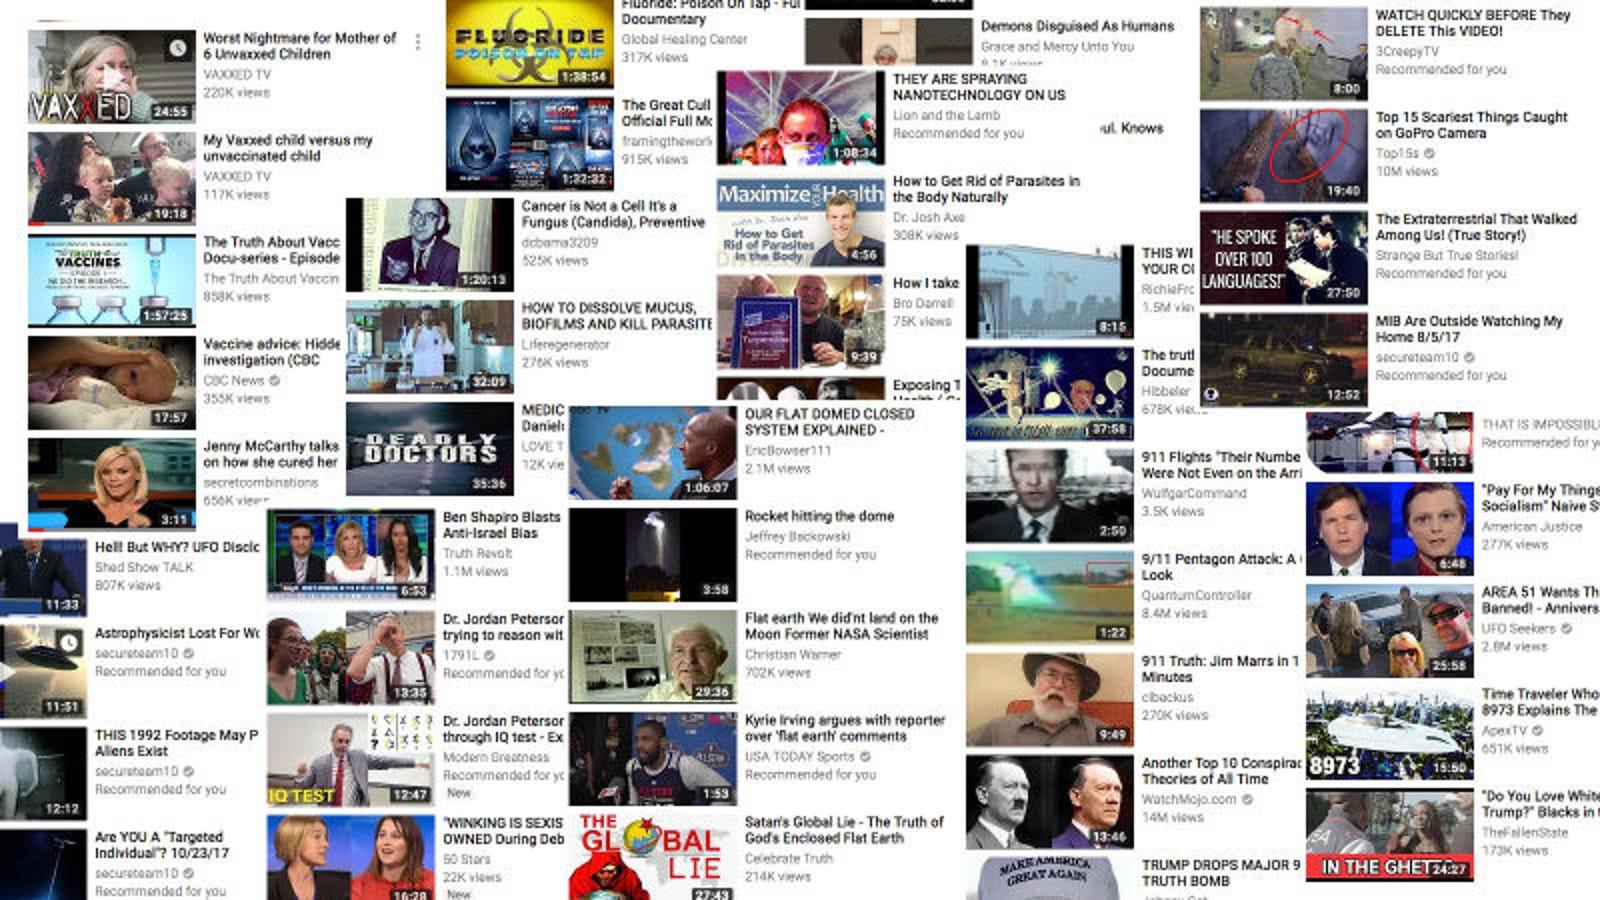 Cómo evitar que aparezcan los vídeos relacionados en YouTube